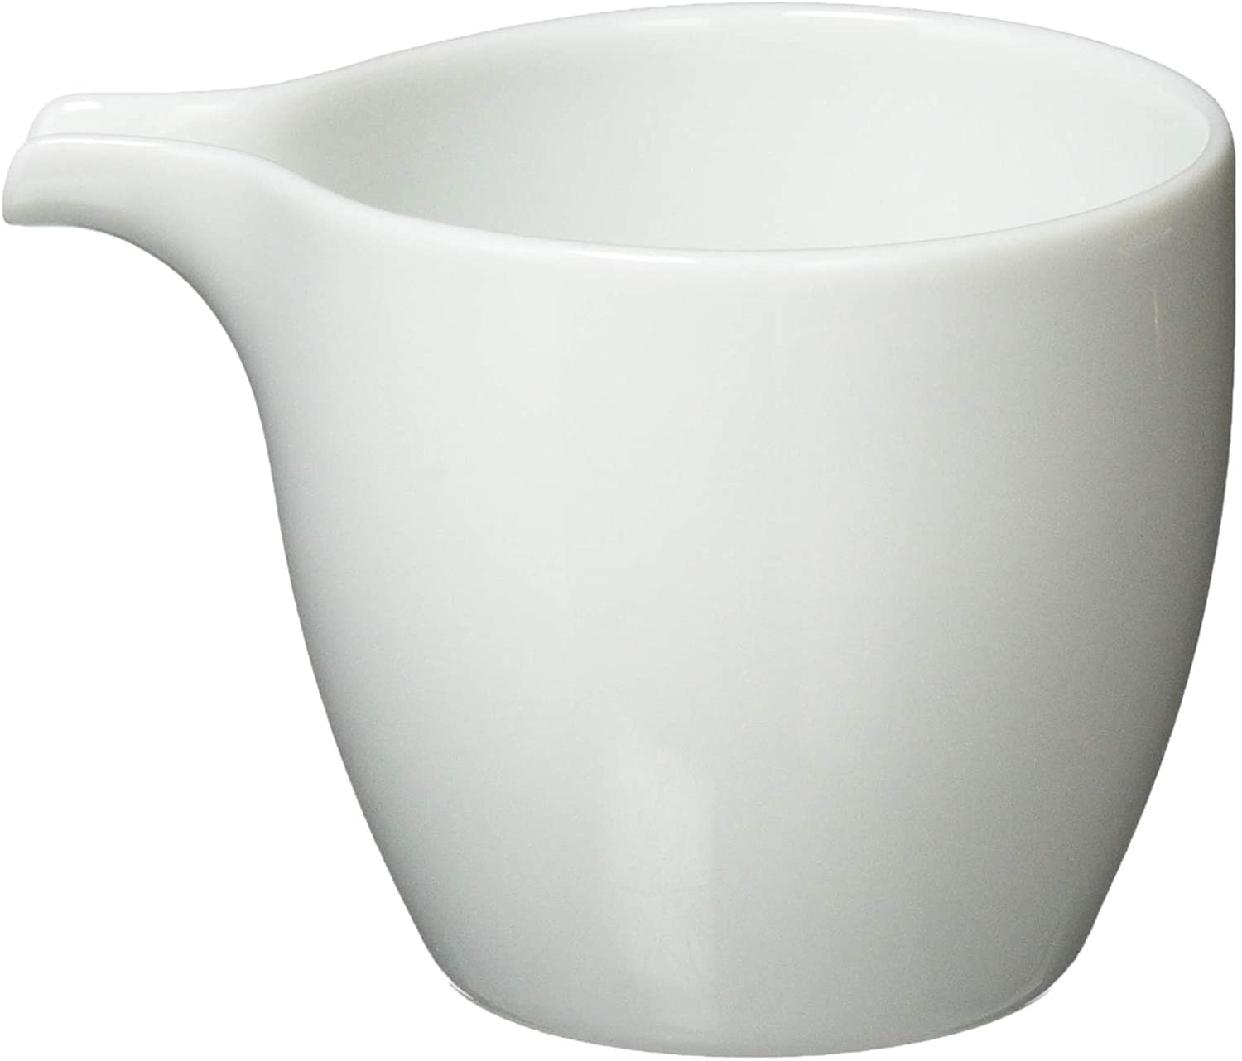 S-line(エスライン)クリーマー ホワイトの商品画像